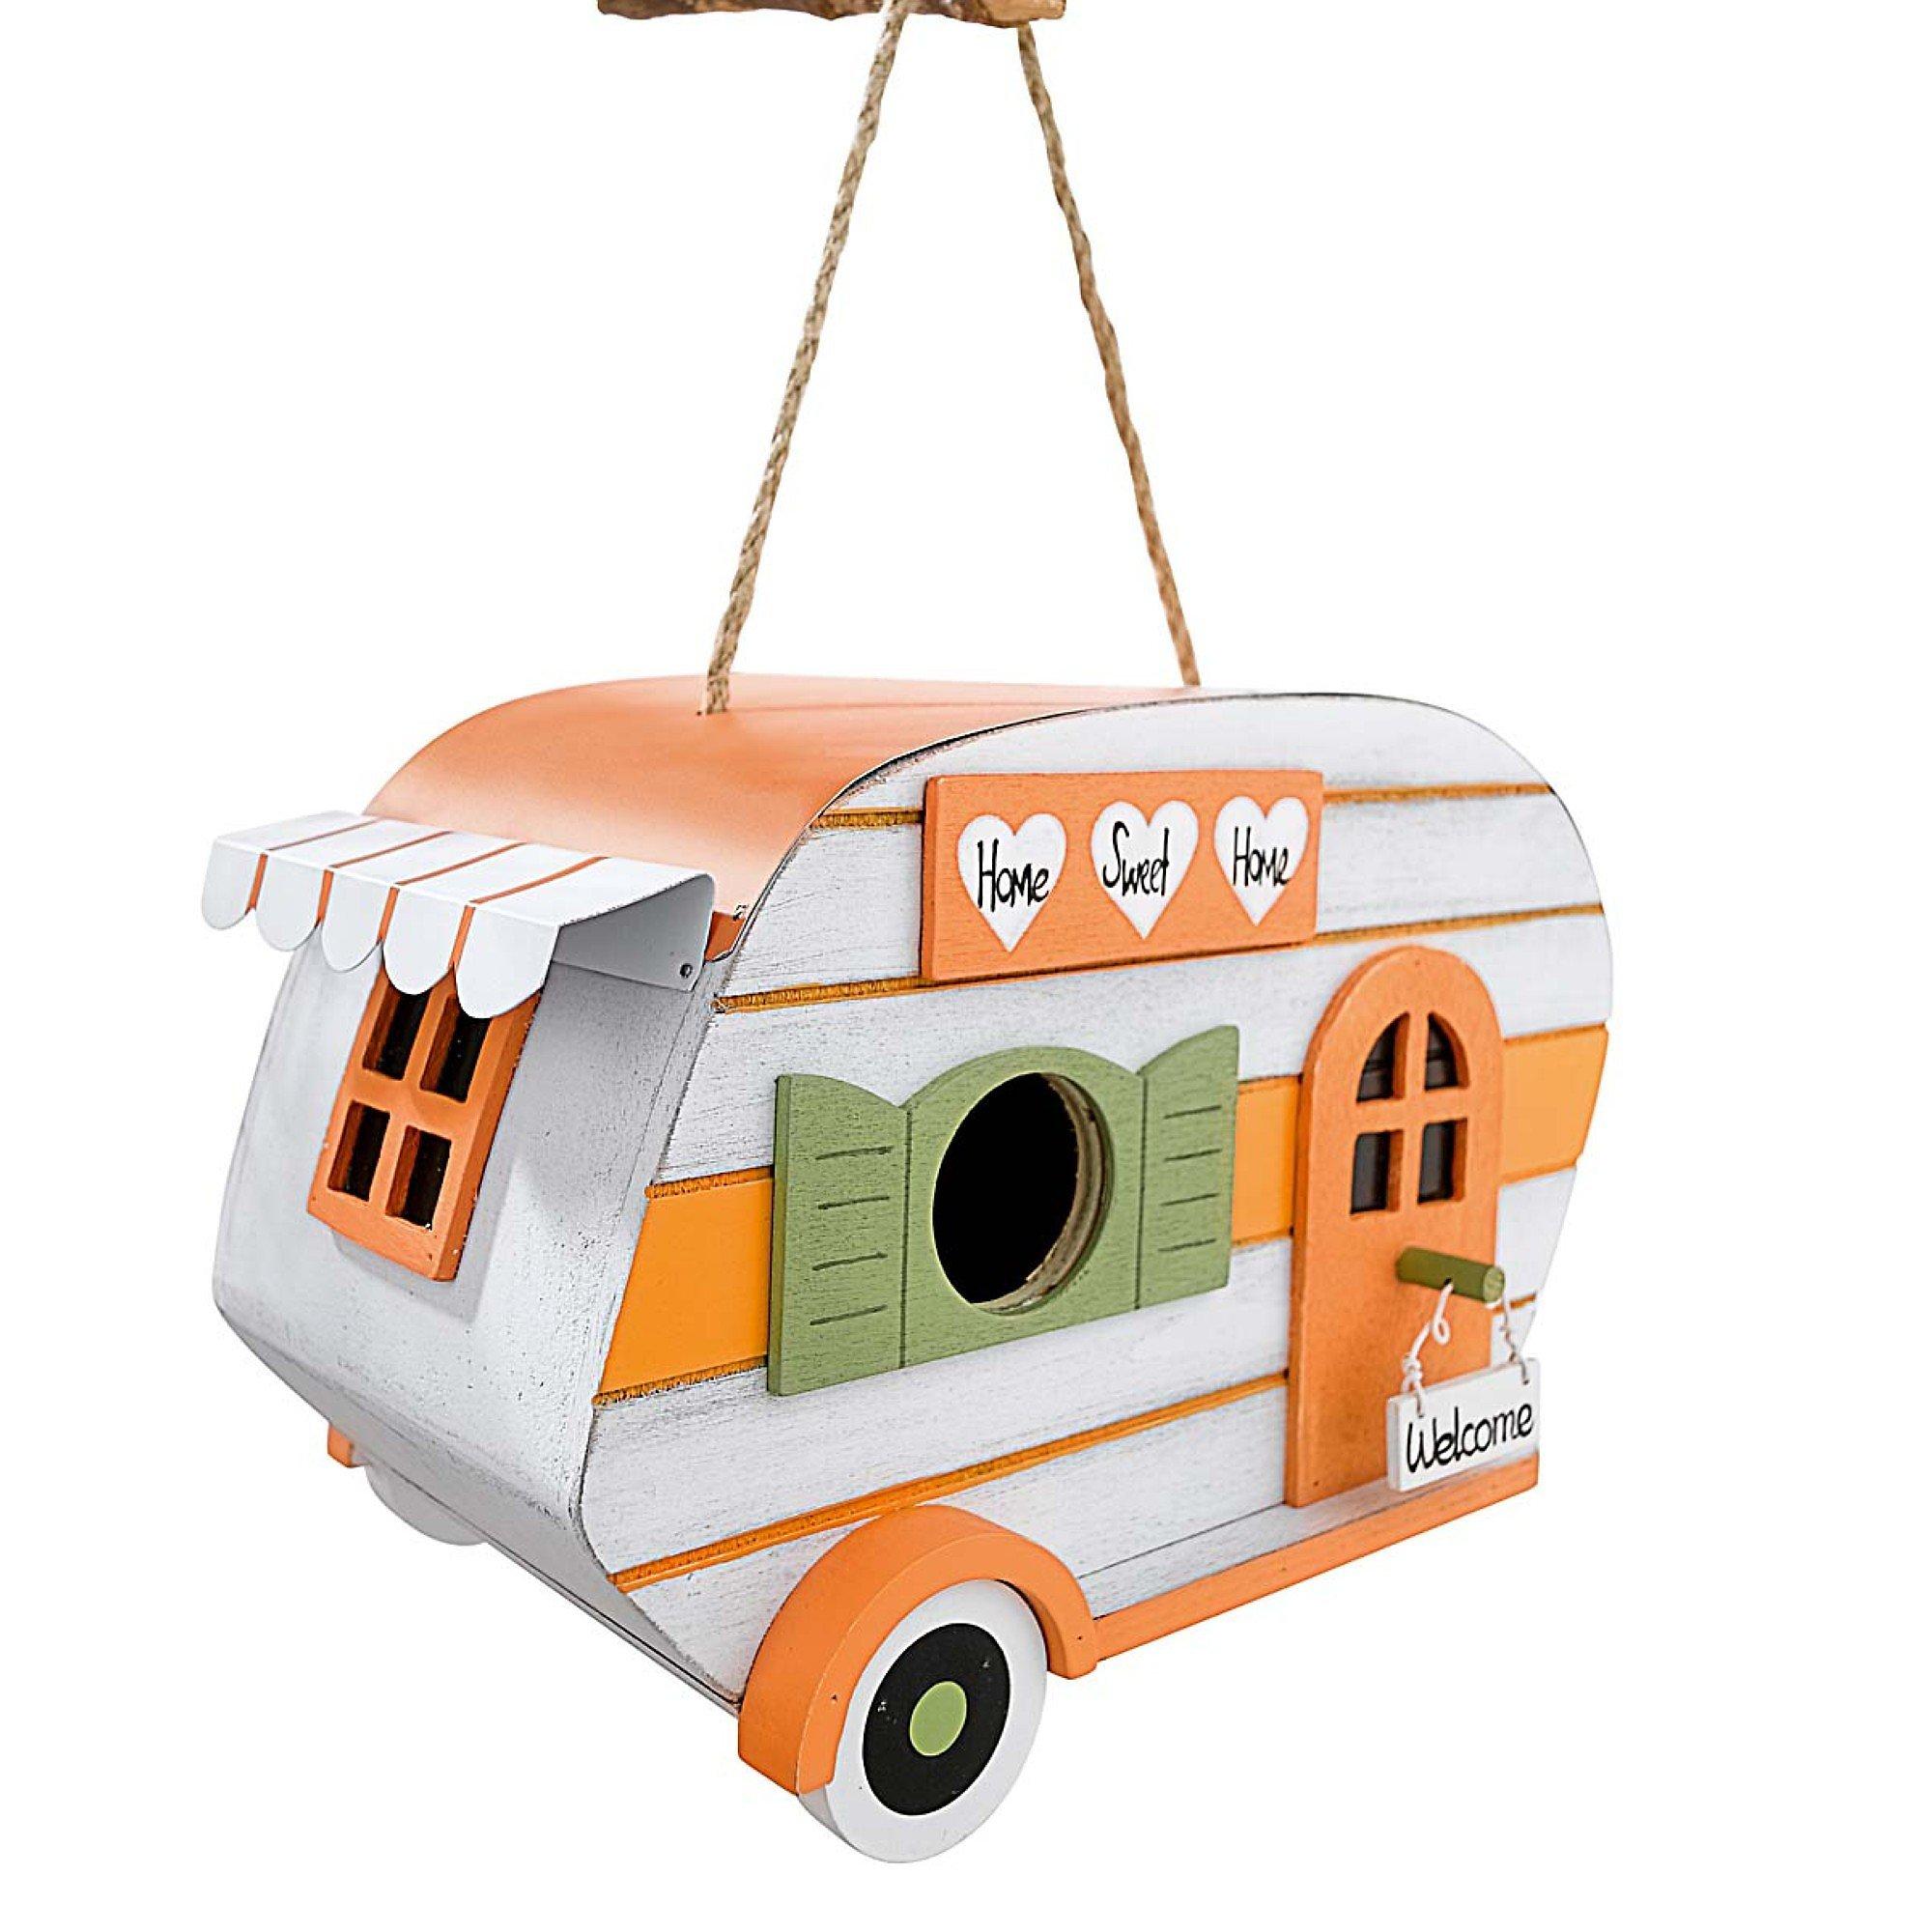 vogelhaus sweet aus holz in wohnwagen optik zum h ngen. Black Bedroom Furniture Sets. Home Design Ideas